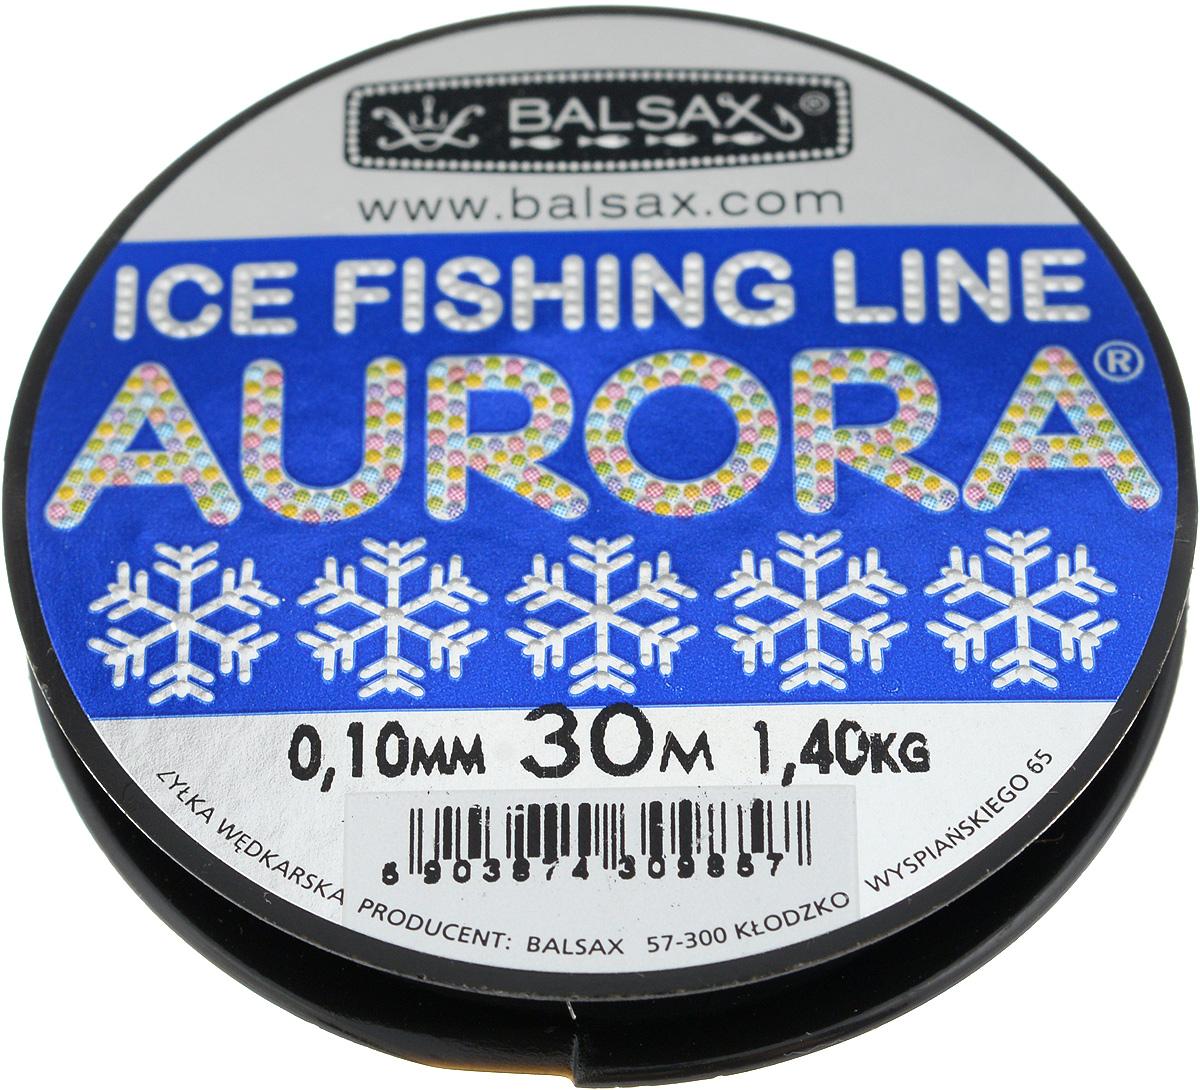 Леска зимняя Balsax Aurora, 30 м, 0,10 мм, 1,4 кг310-04010Леска Balsax Aurora изготовлена из 100% нейлона и очень хорошо выдерживаетнизкие температуры. Даже в самом холодном климате, при температуре вплотьдо -40°C, она сохраняет свои свойствапрактически без изменений, в то время как традиционные лески становятся менееэластичными и теряют прочность. Поверхность лески обработана таким образом, что она не обмерзает и отличноподходит для подледного лова. Прочна вместах вязки узлов даже при минимальном диаметре.